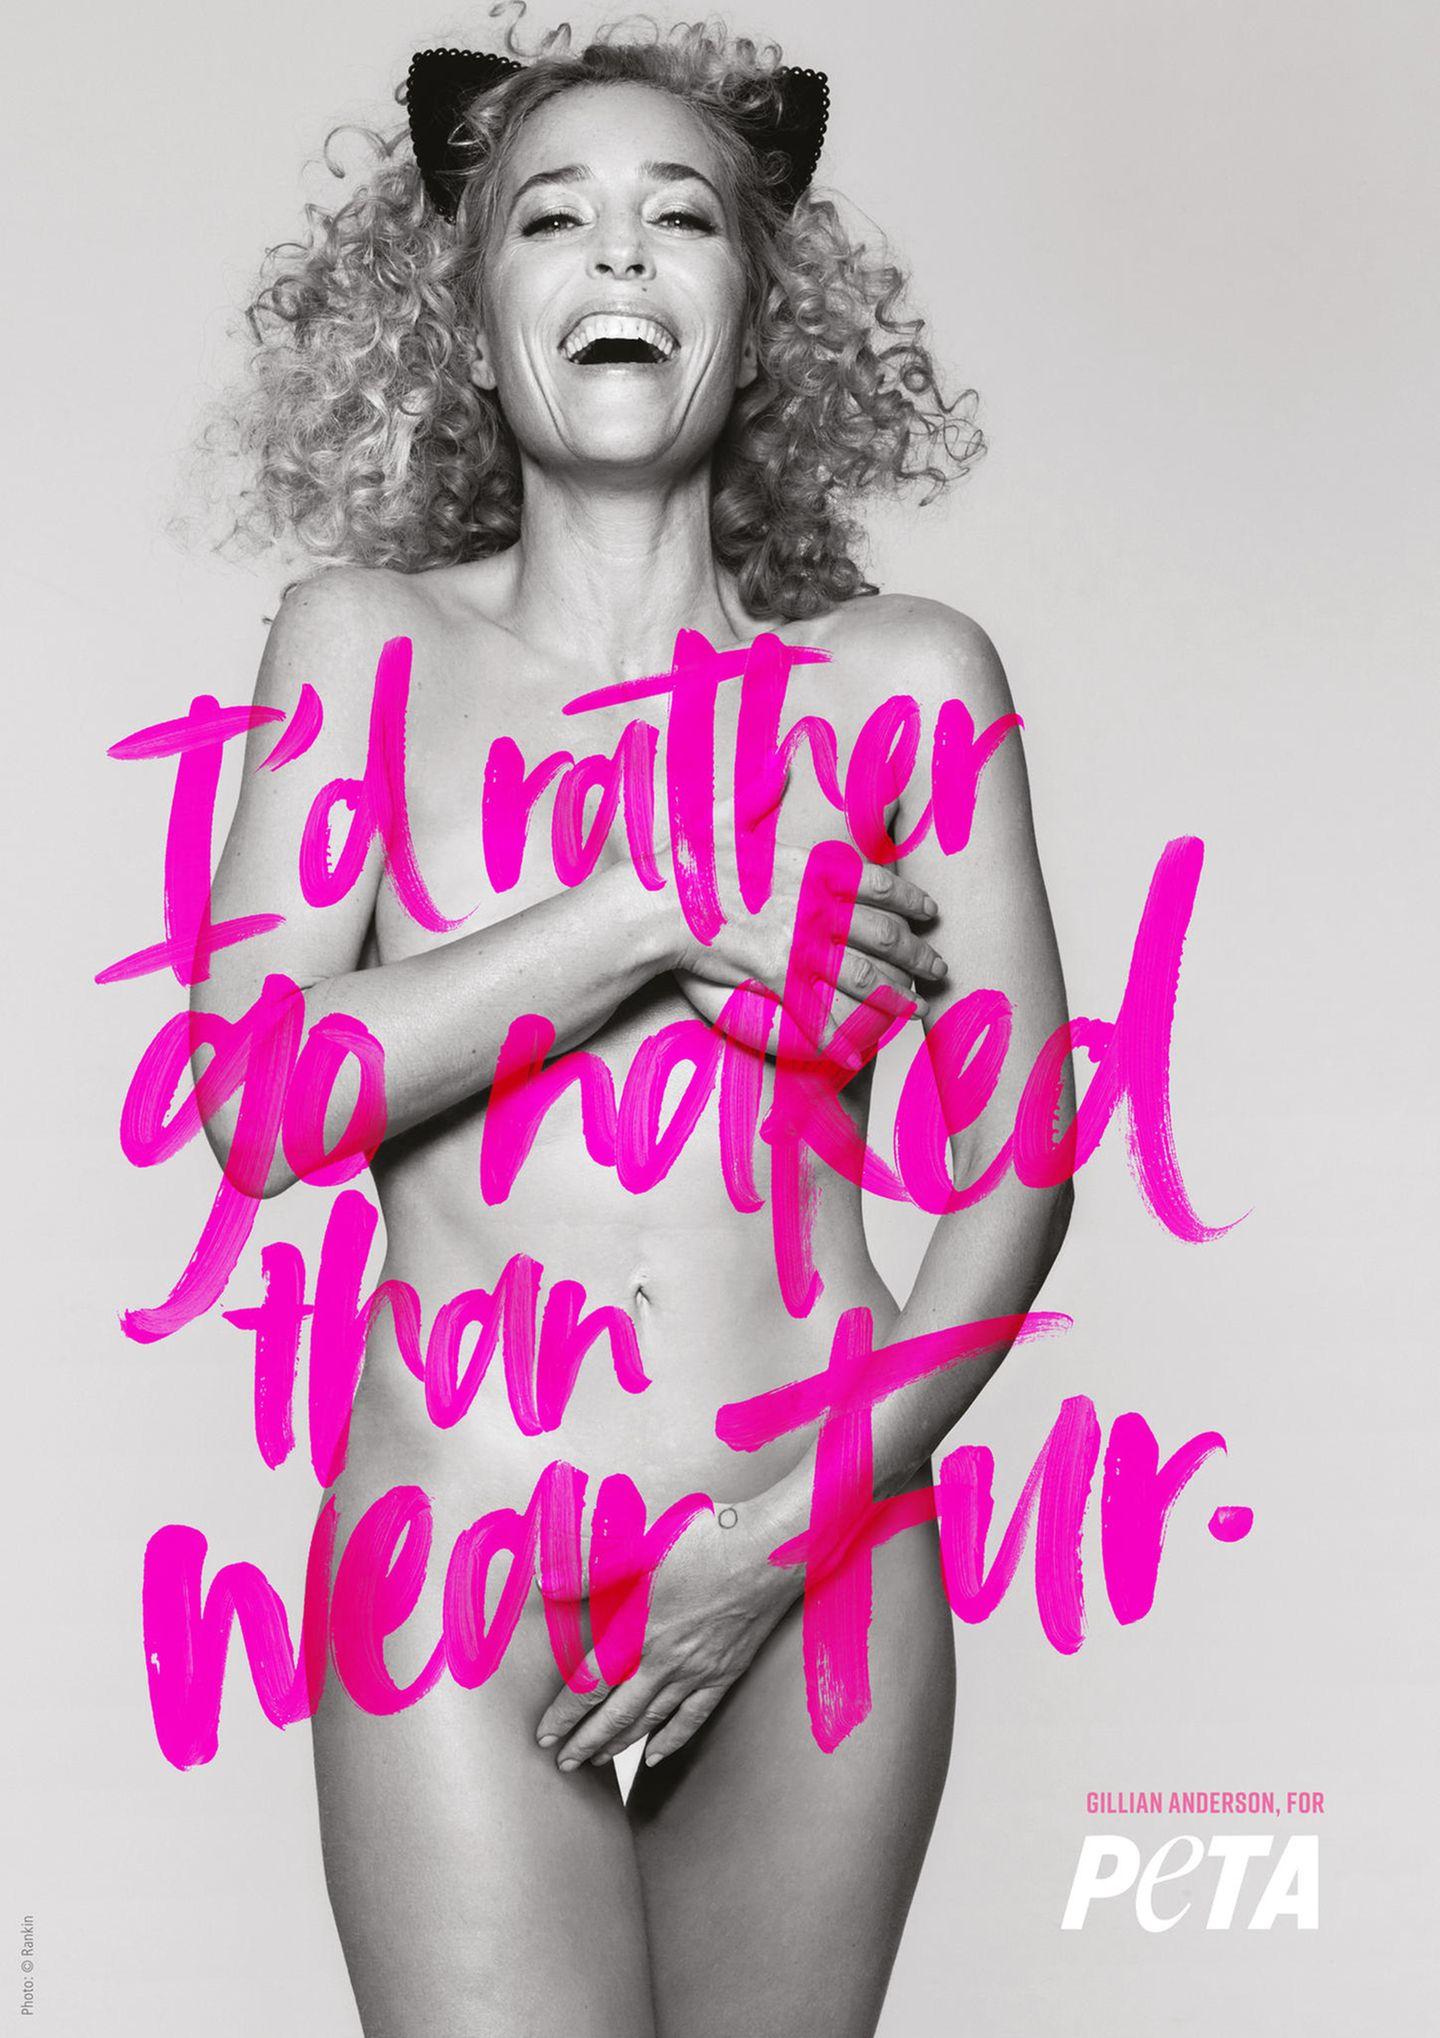 Pünktlich zum Start der New Yorker Fashion Week werden hunderttausende Pendlerinnen und Pendler an der Penn Station in Manhattan von einer hüllenlosen Gillian Anderson (Akte X) auf einem riesigen Plakat begrüßt. Der Slogan: Lieber nackt als im Pelz.